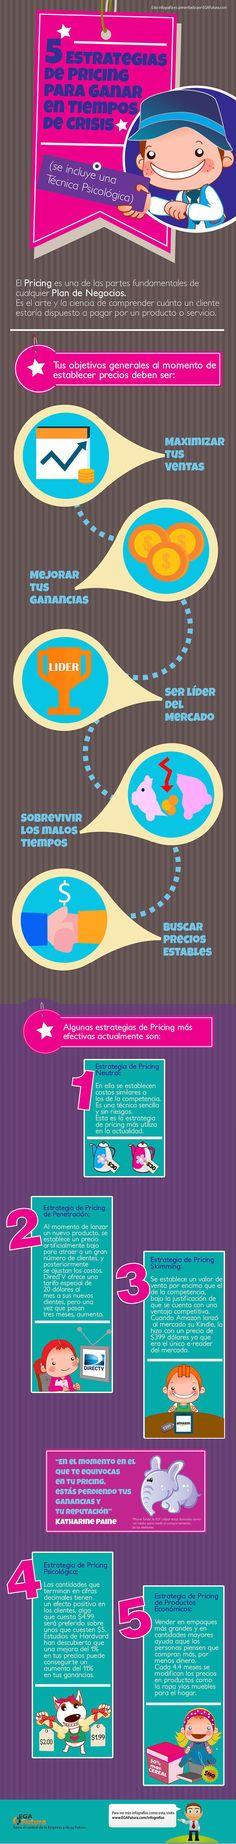 5 estrategias de pricing para ganar en tiempos de crisis. #infografia